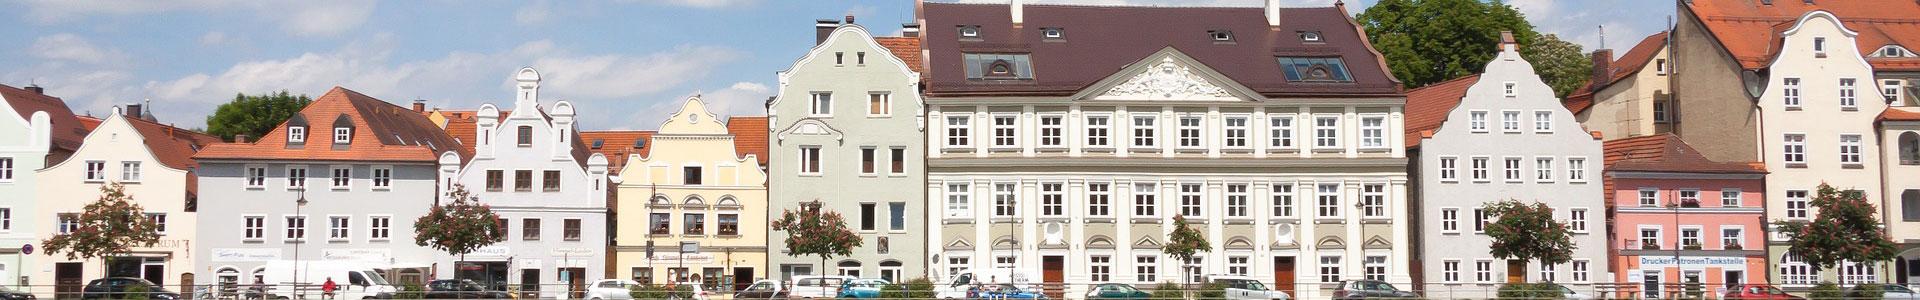 Immobilienbewertung in Landshut/Altdorf